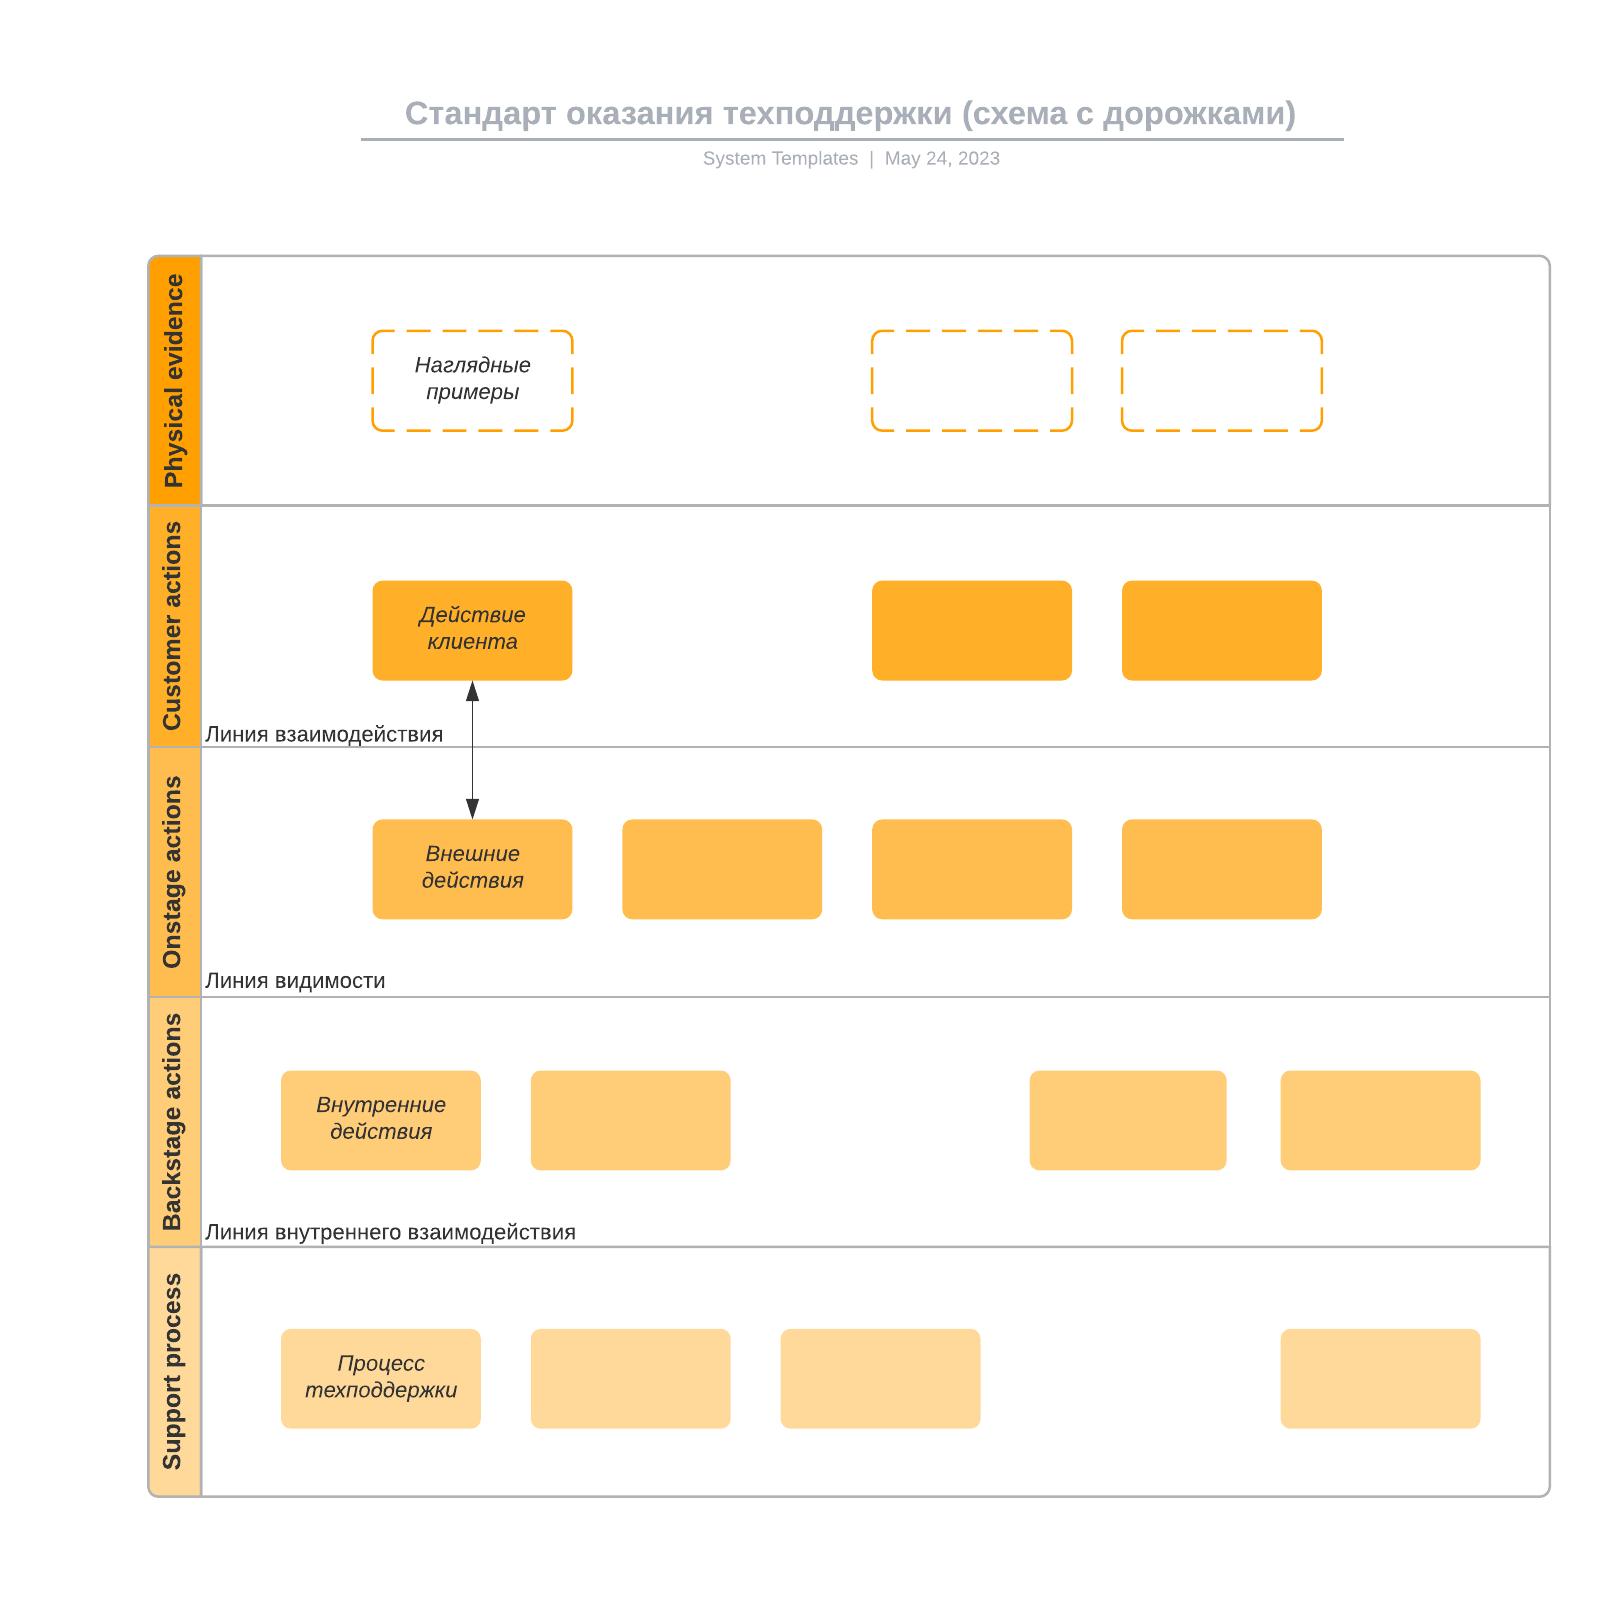 Стандарт оказания техподдержки (схема с дорожками)